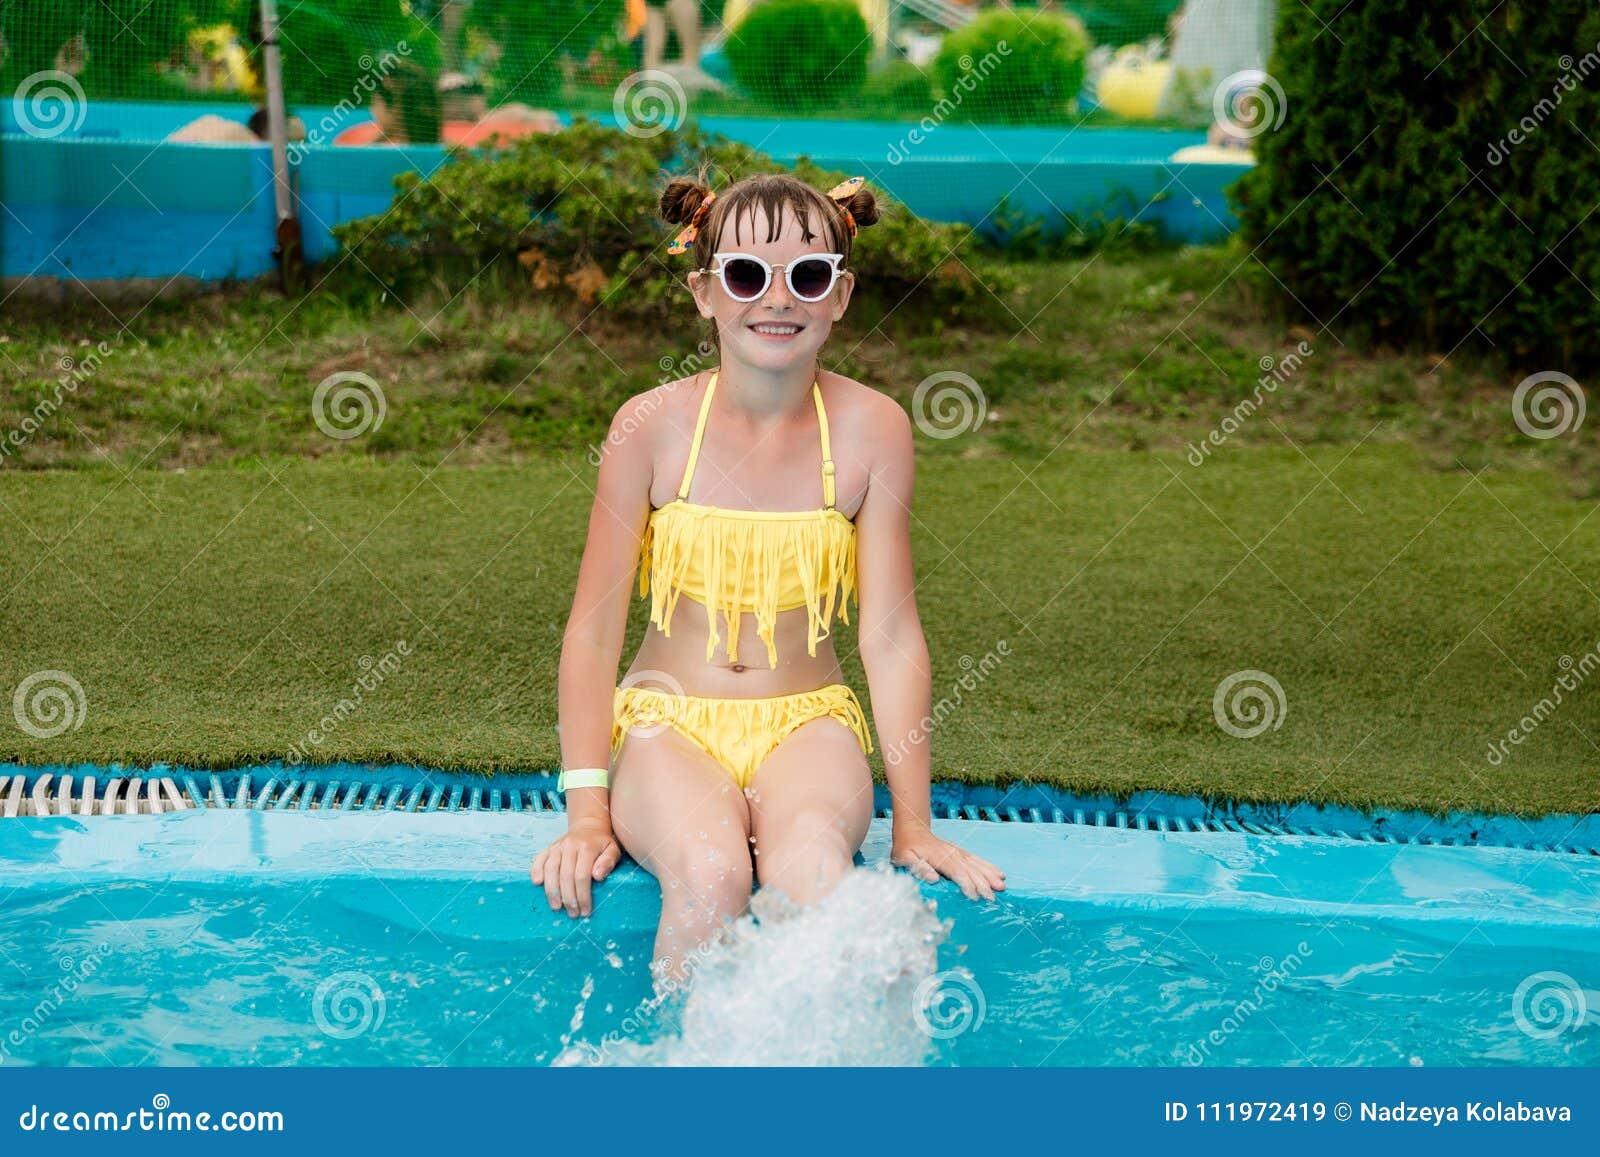 Девушка плавает в бассейне в капроновых колготках